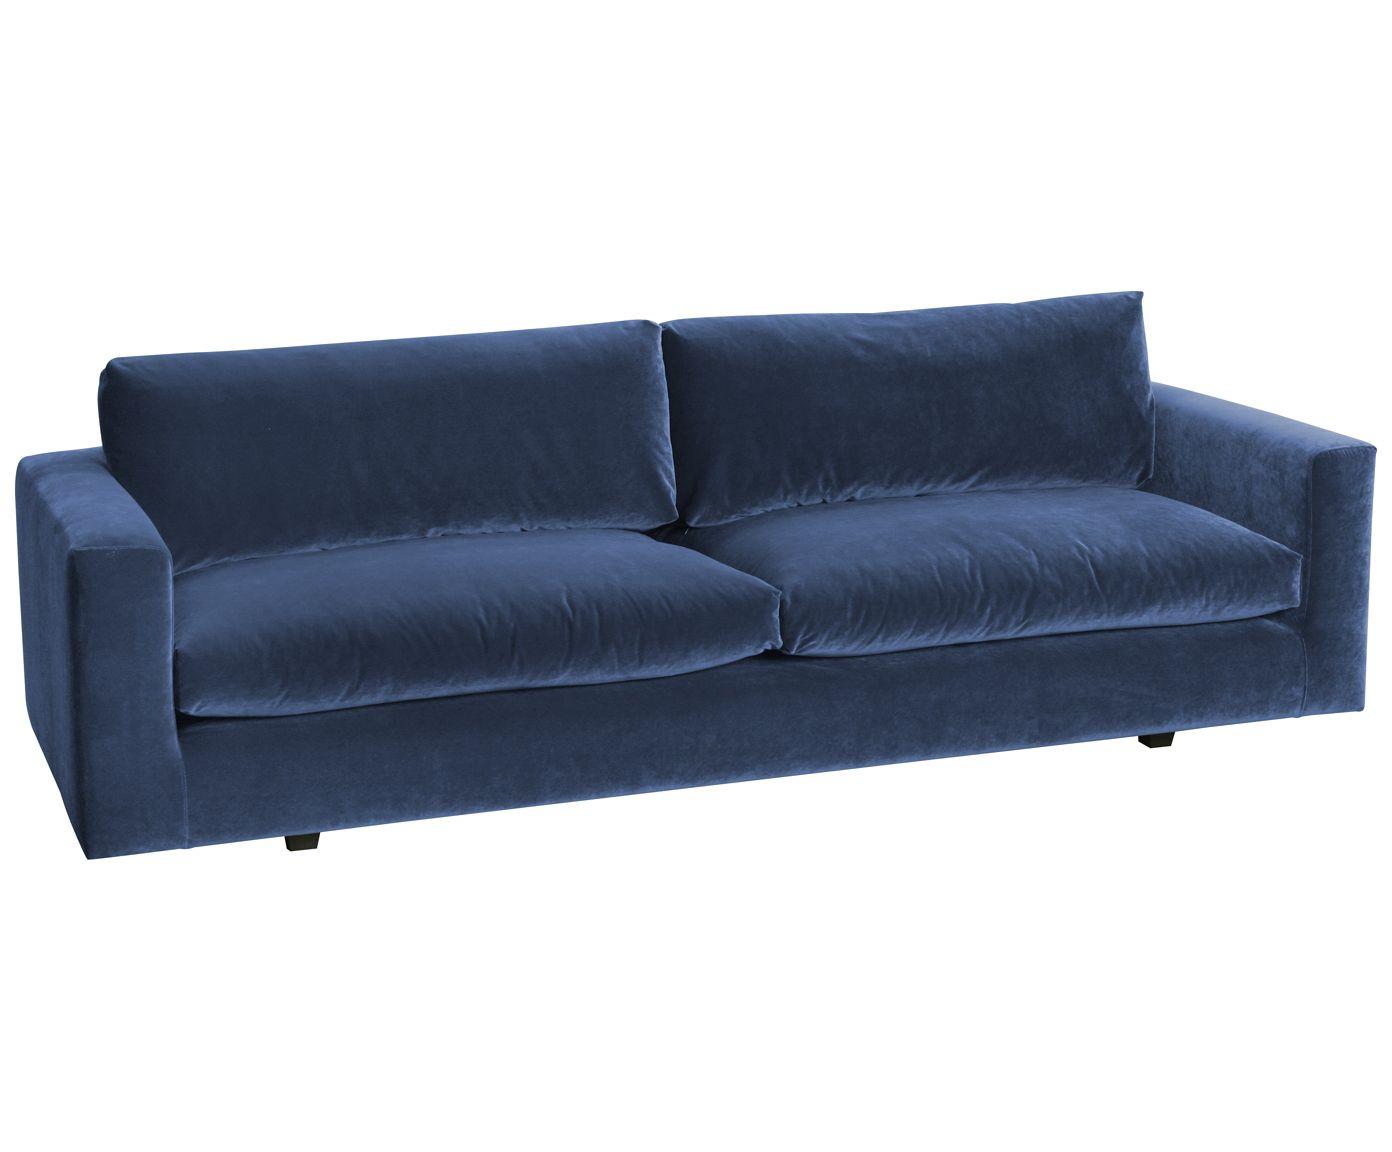 Samt-Sofa Balmira (3-Sitzer) | Samt Sofa, Sofa und Wohnzimmer